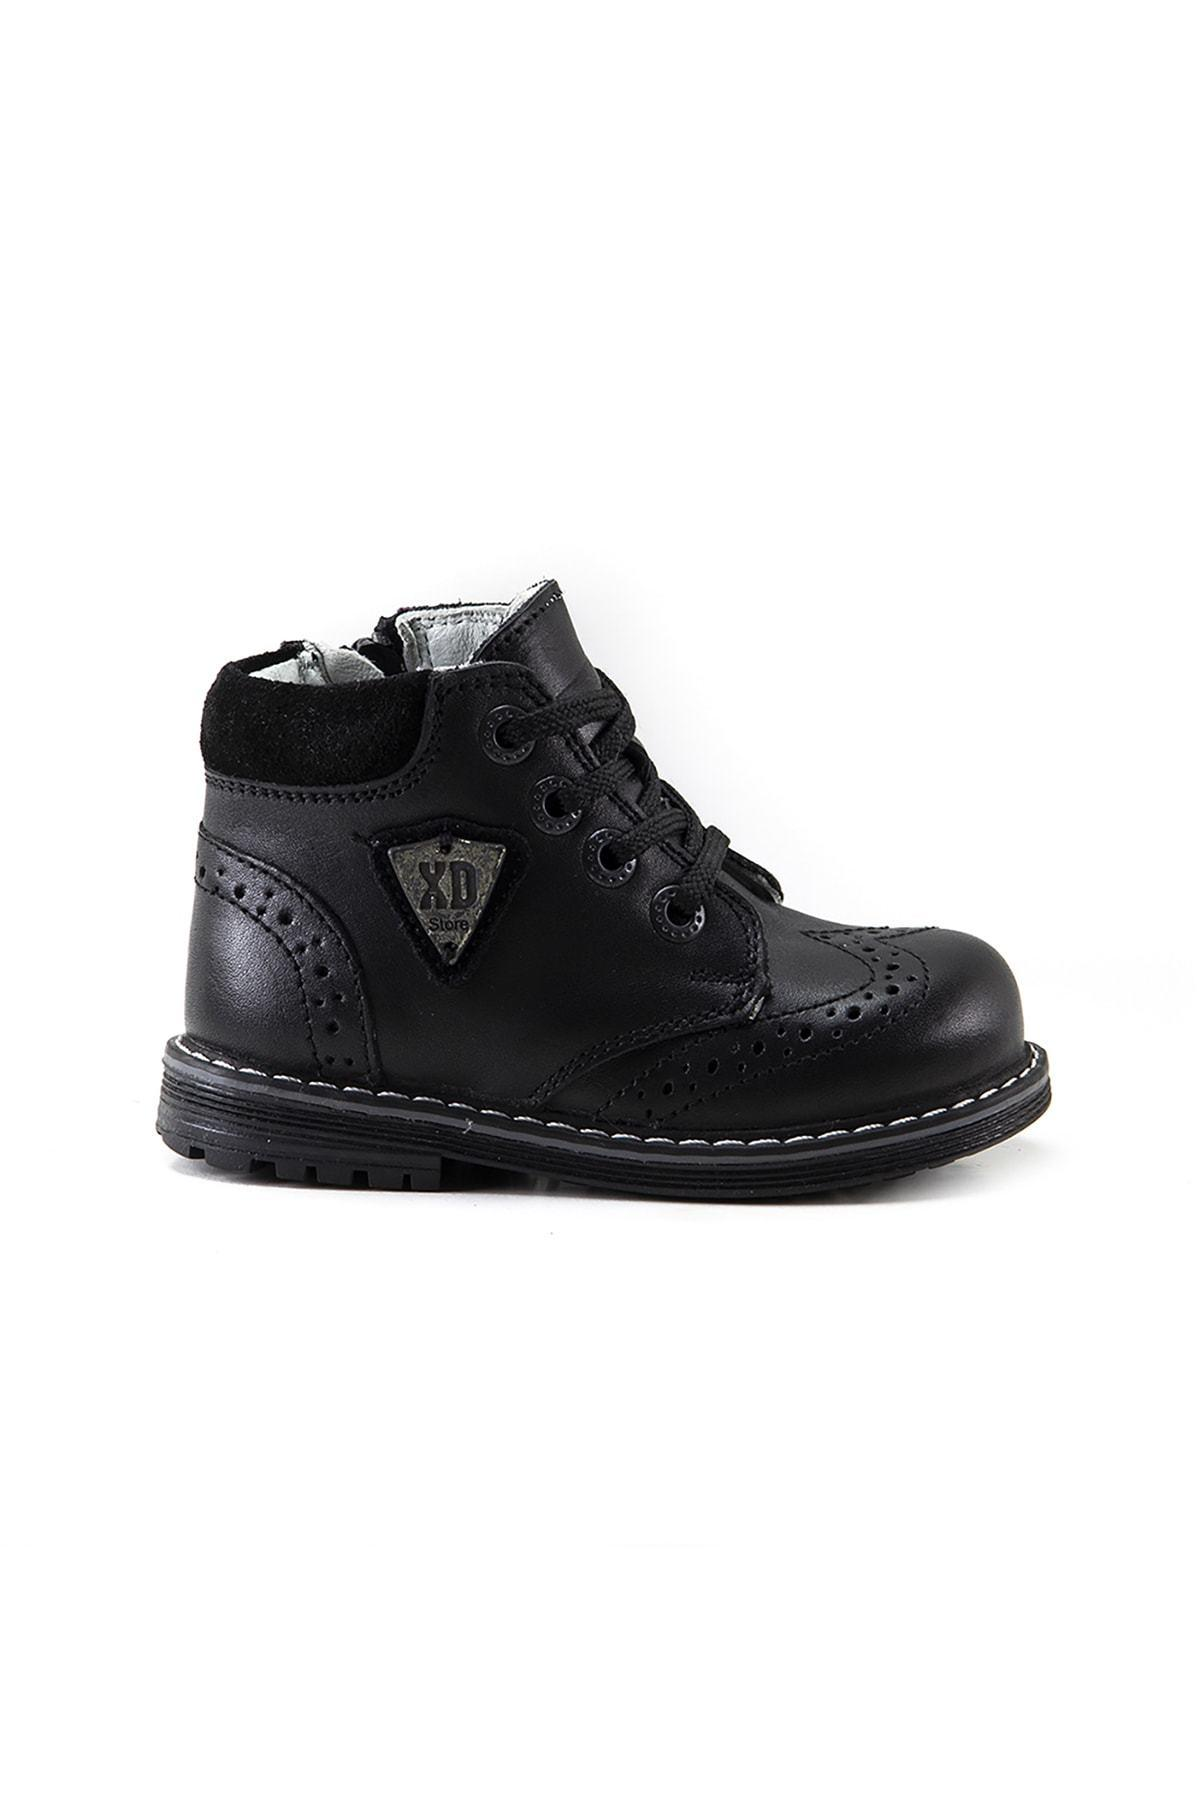 Bottes orthopédiques en cuir noir garçon, taille 21-22, chaussures de pluie de neige, soutien spécial du talon et de la cheville, des chaussures pour enfants